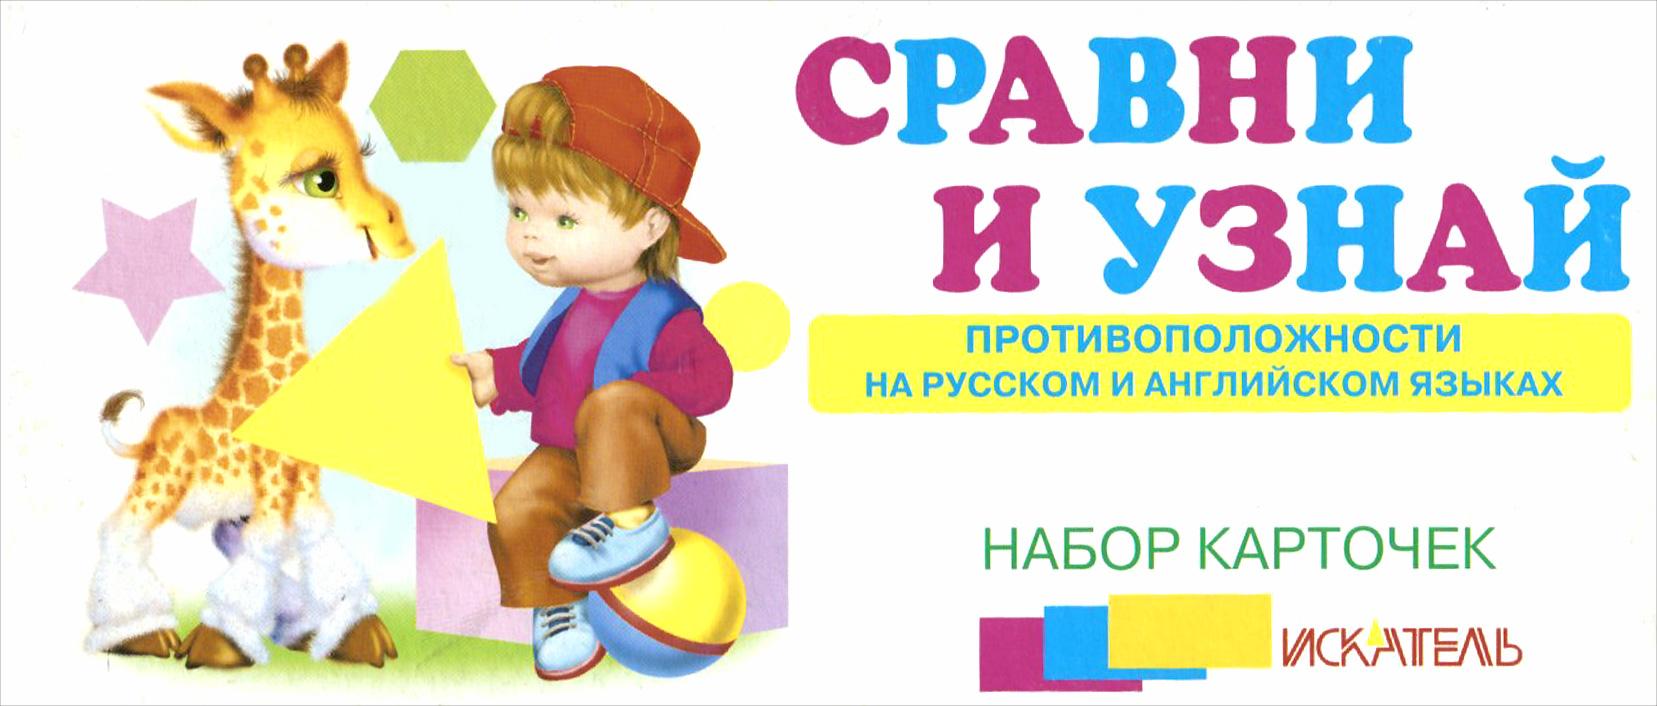 Сравни и узнай. Противоположности на русском и английском языках (набор из 22 карточек)